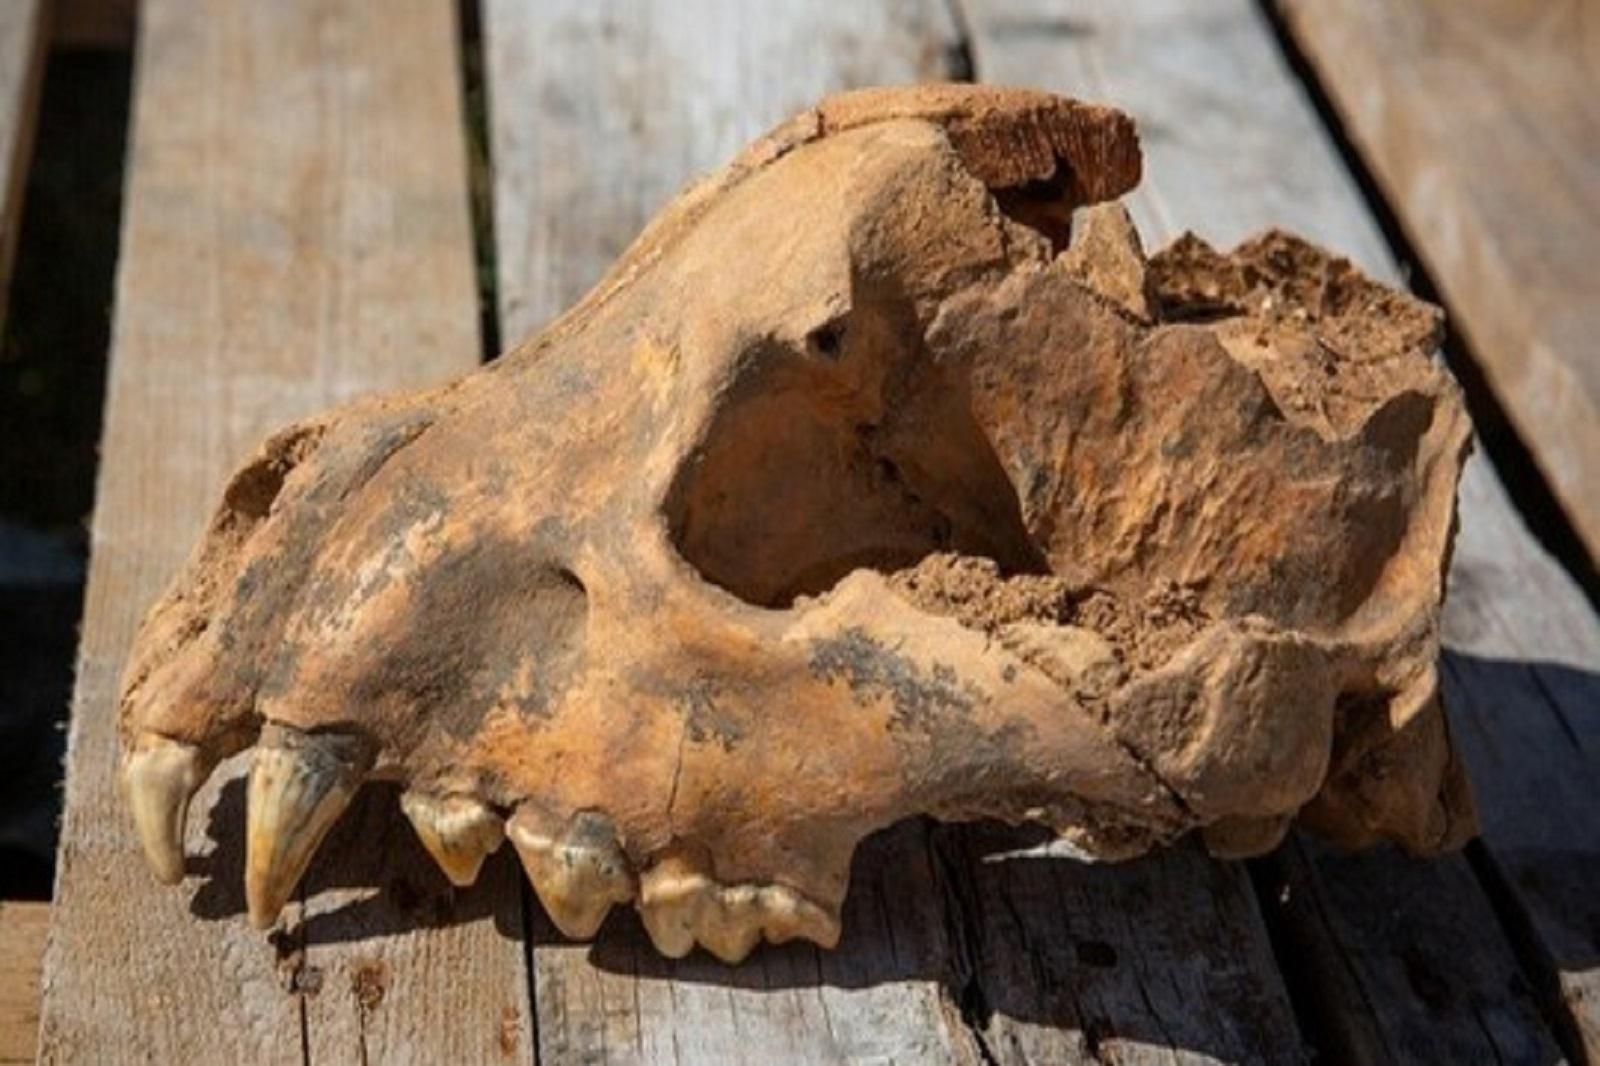 乌拉尔联邦大学研究员在克里米亚发现巨型古鬣狗头骨插图-小狮座俄罗斯留学